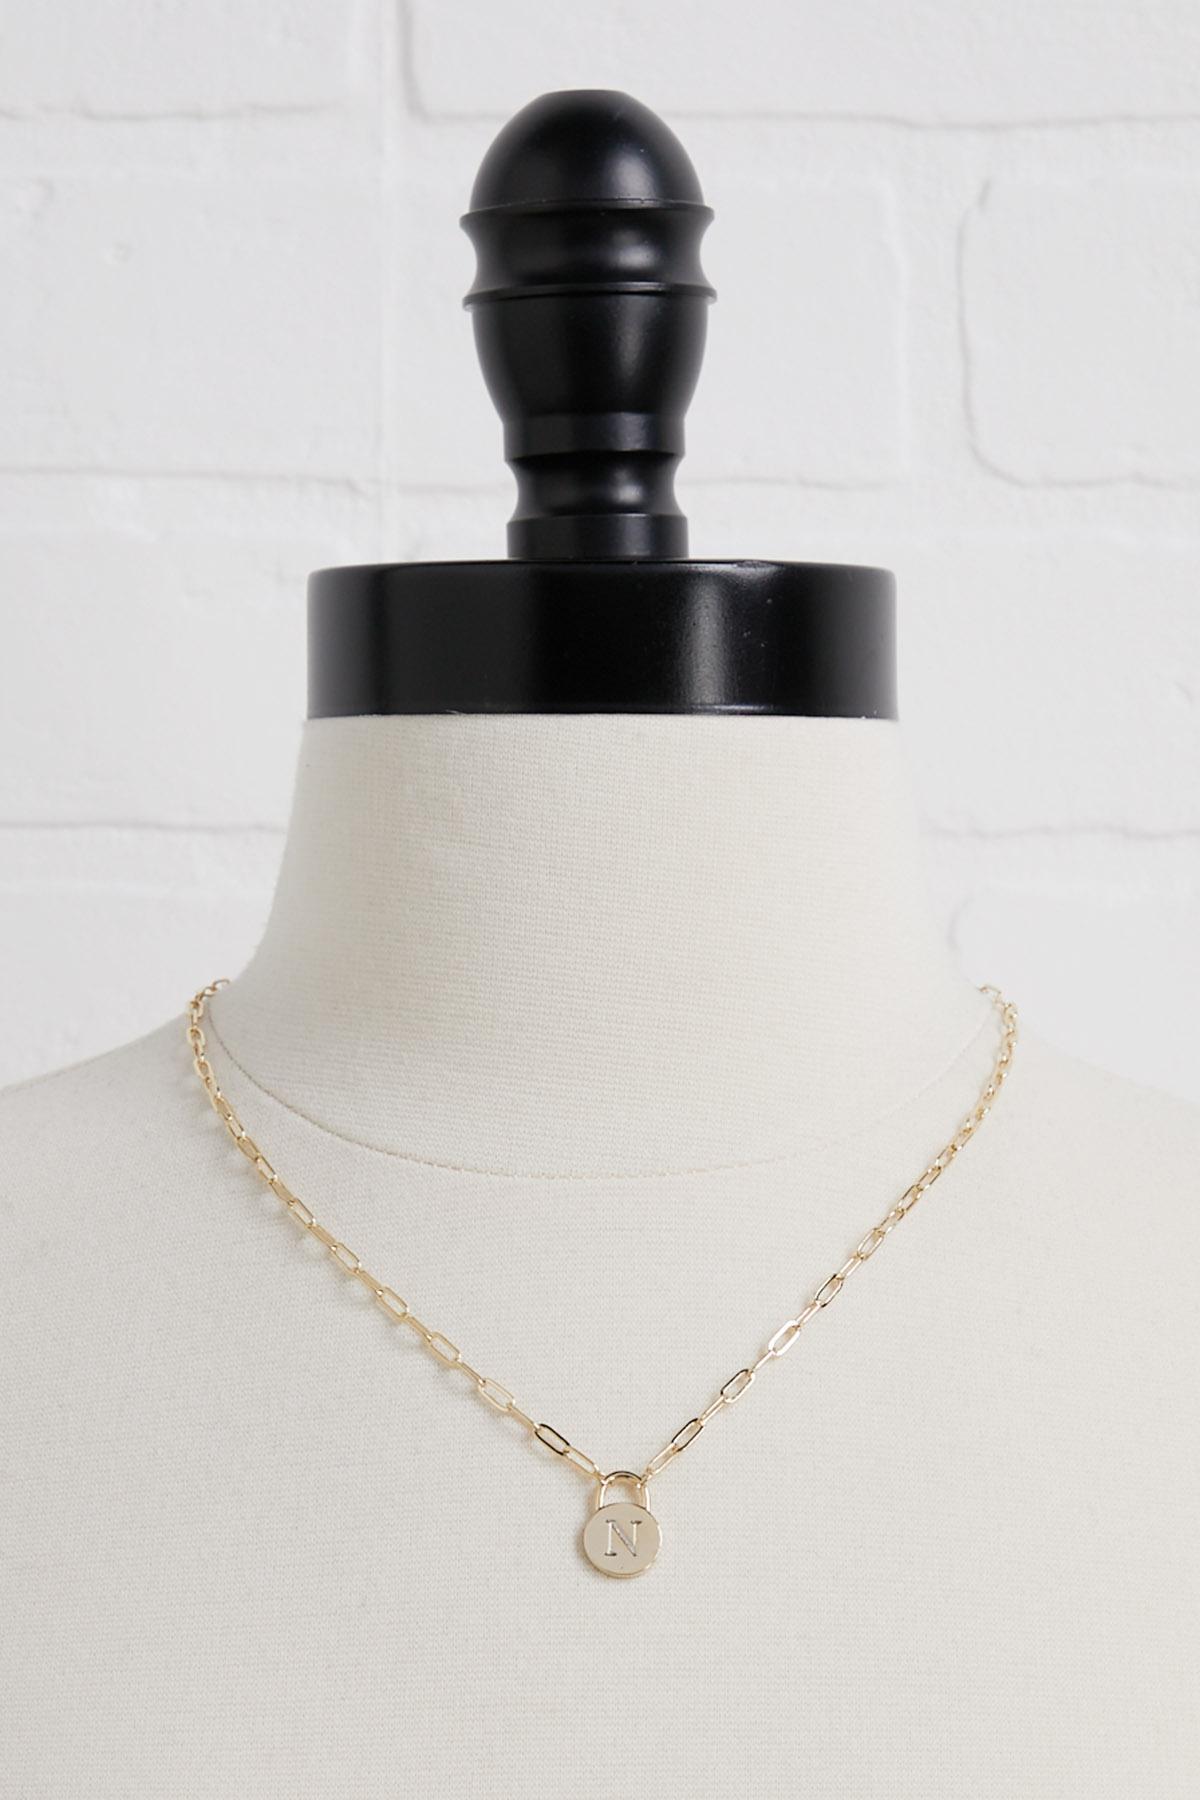 18k N Pendant Necklace